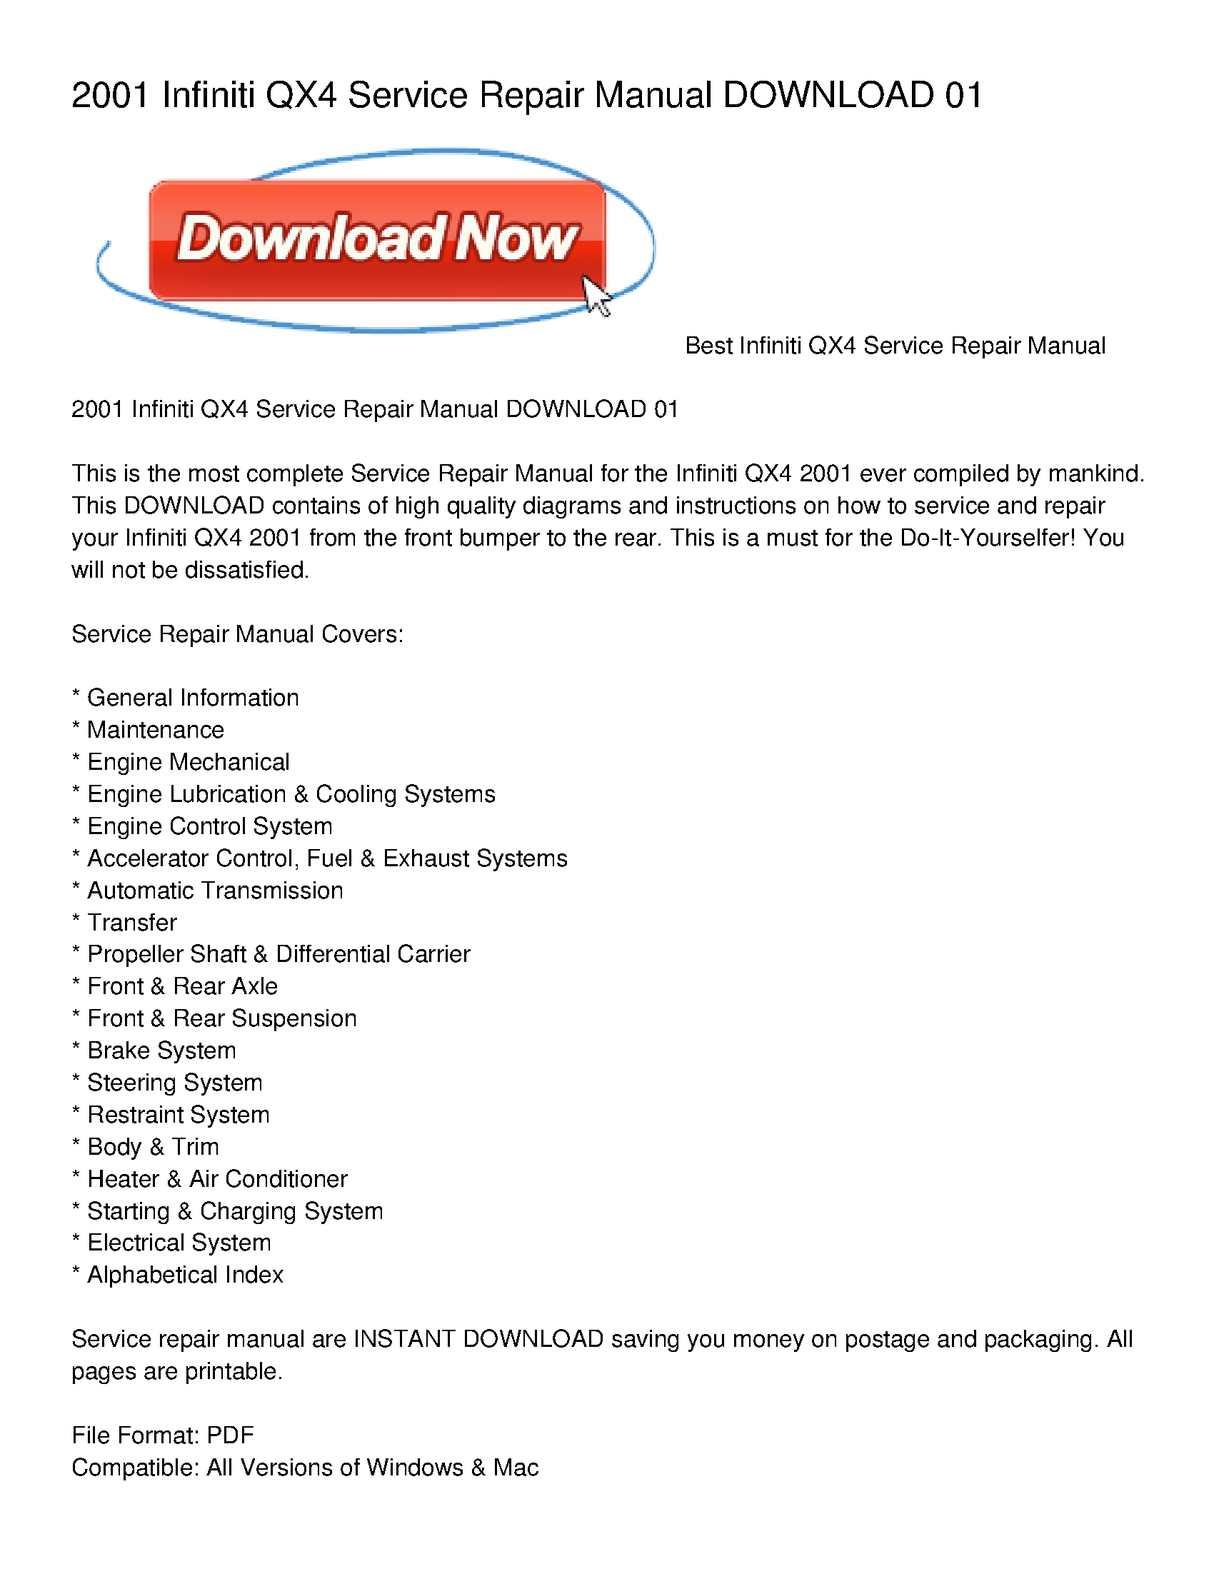 2001 infiniti qx4 service repair manual do pdf download